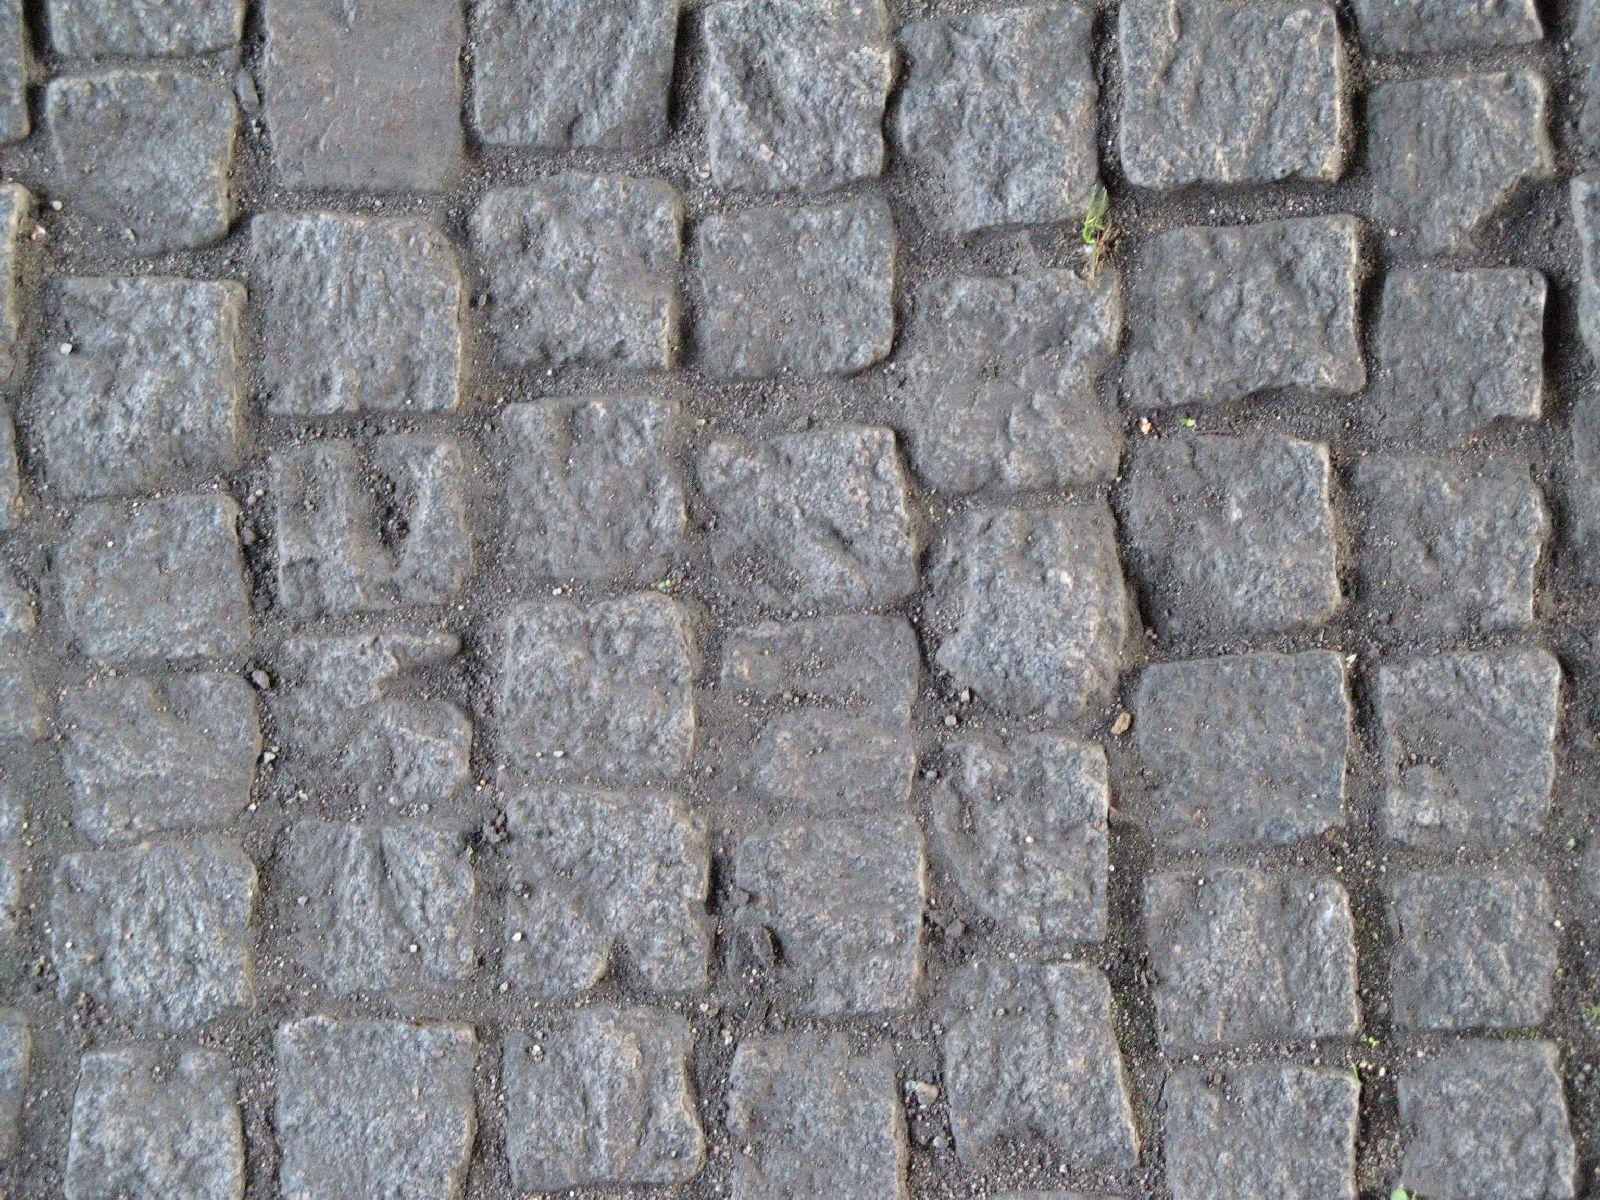 Boden-Gehweg-Strasse-Buergersteig-Textur_B_1163